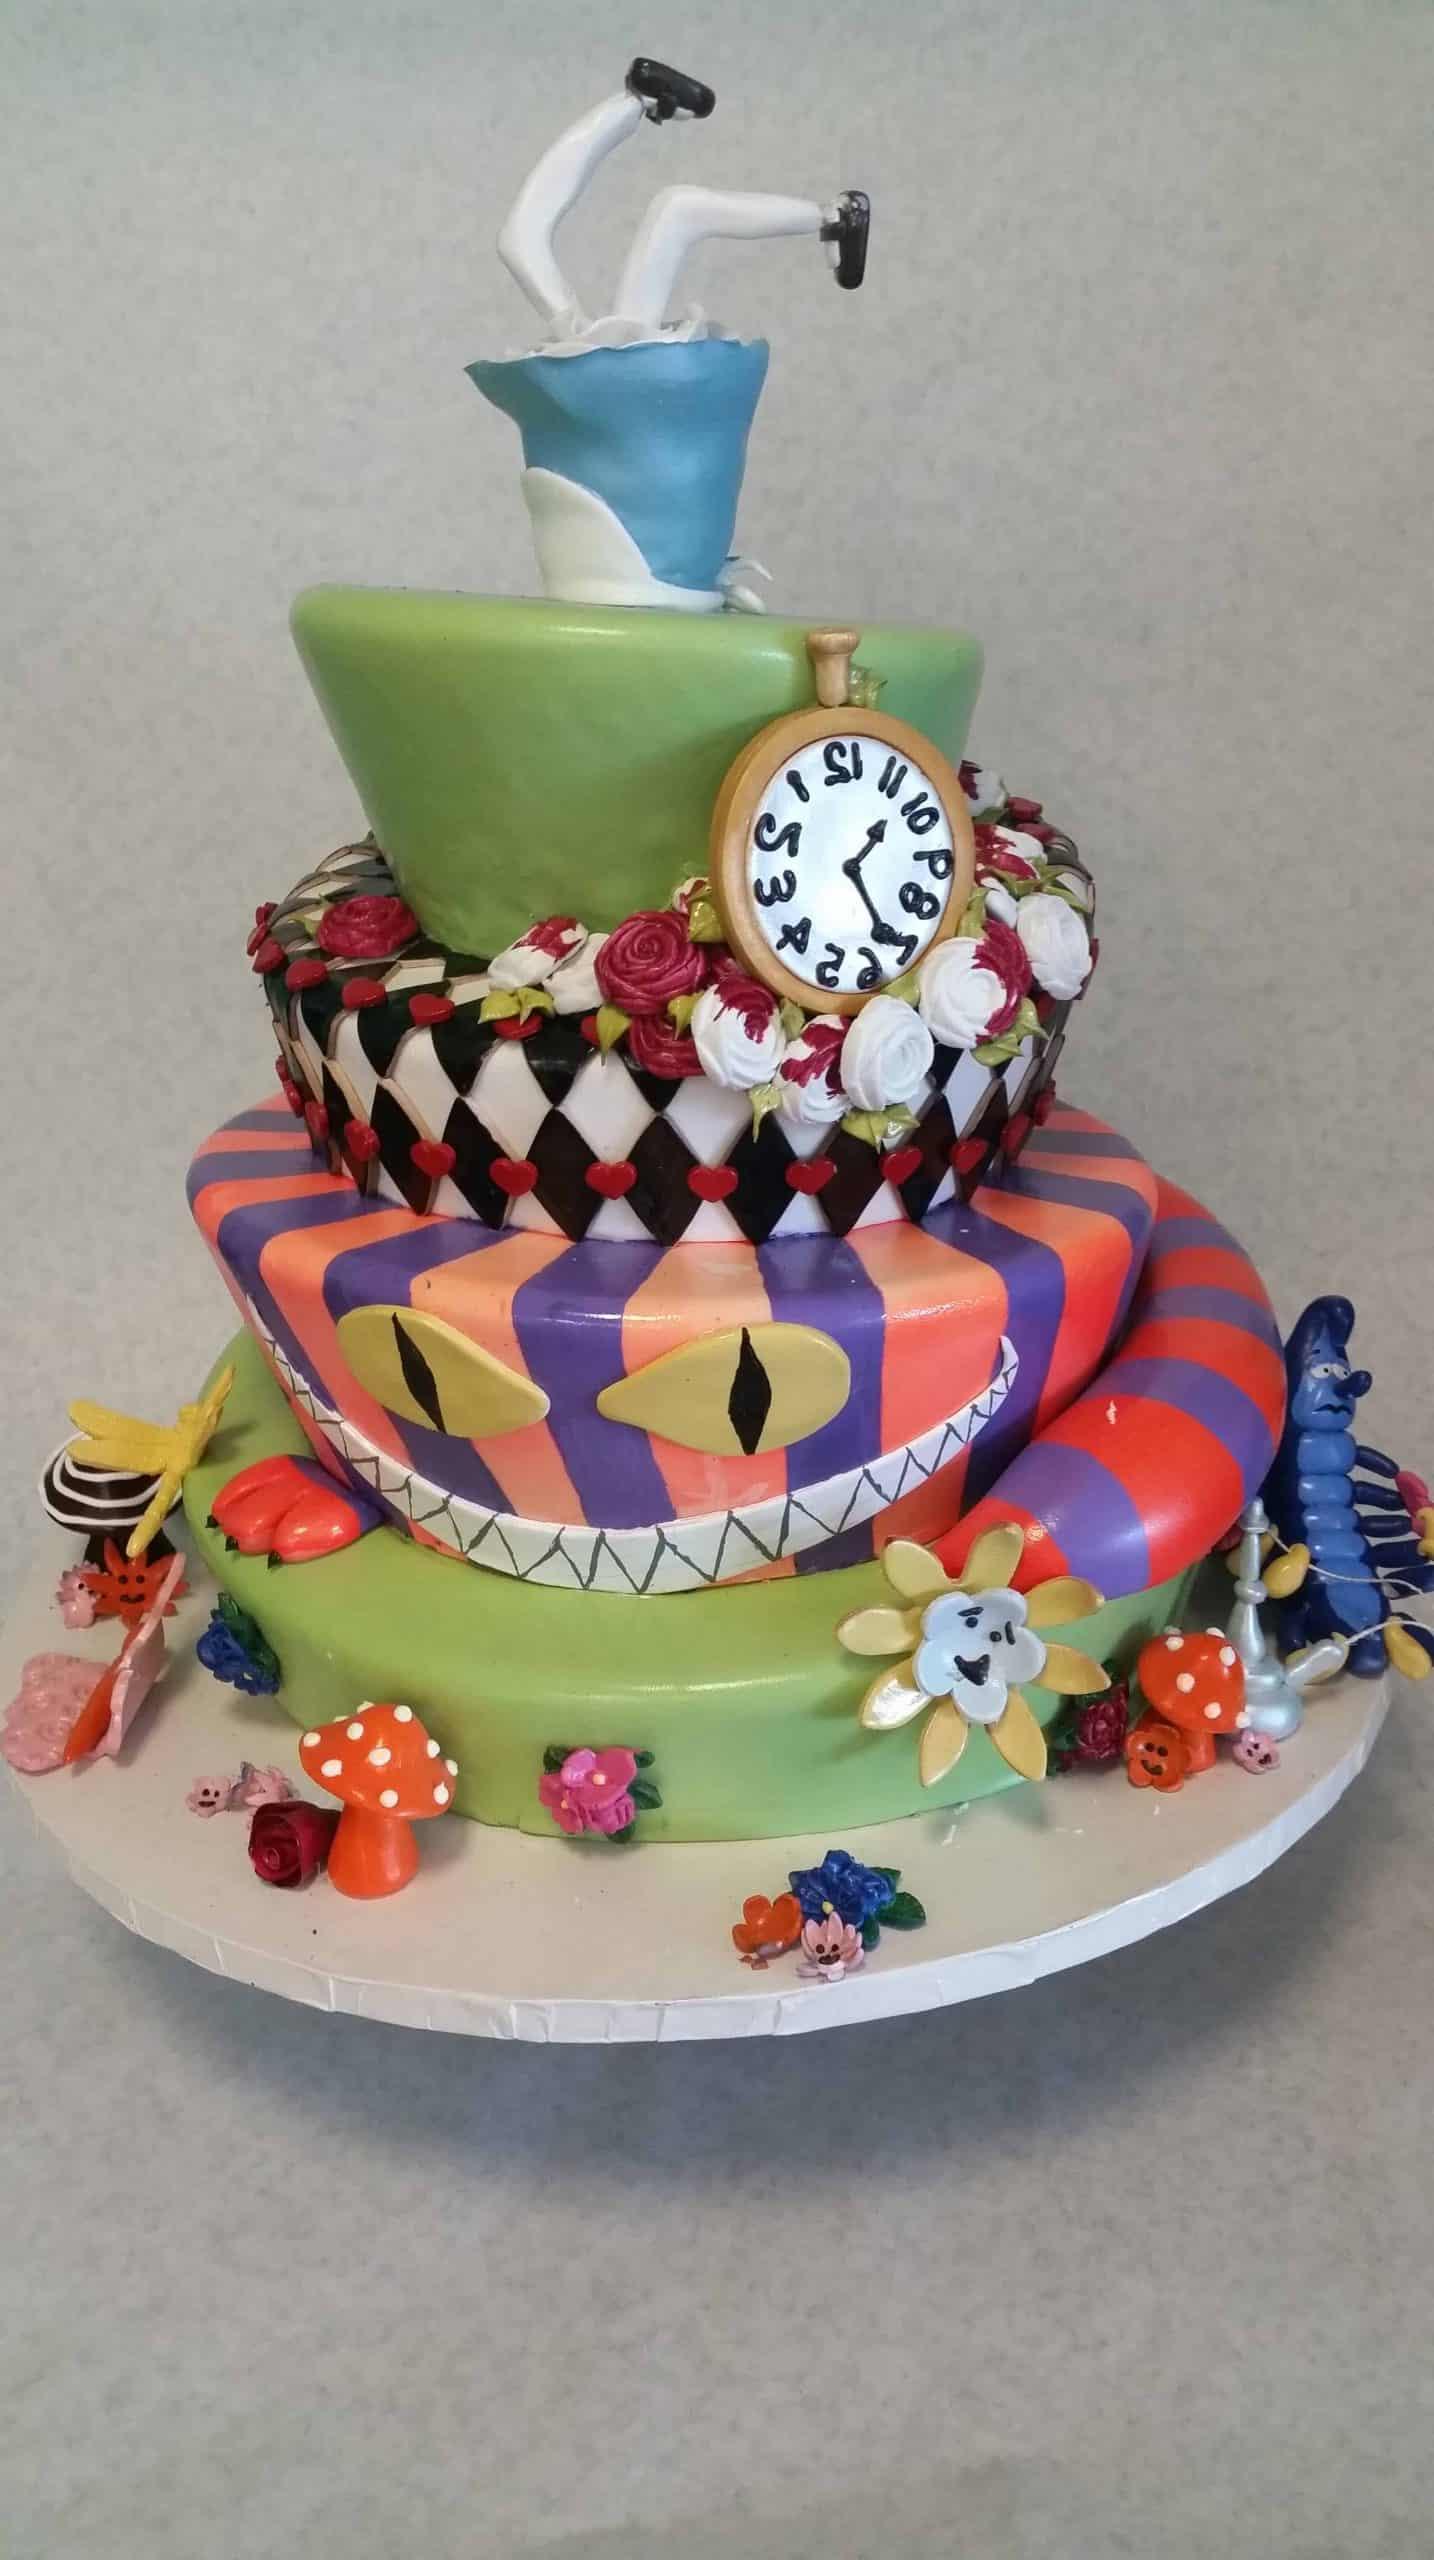 The Makery Cake Company Tea Party Birthday Cake